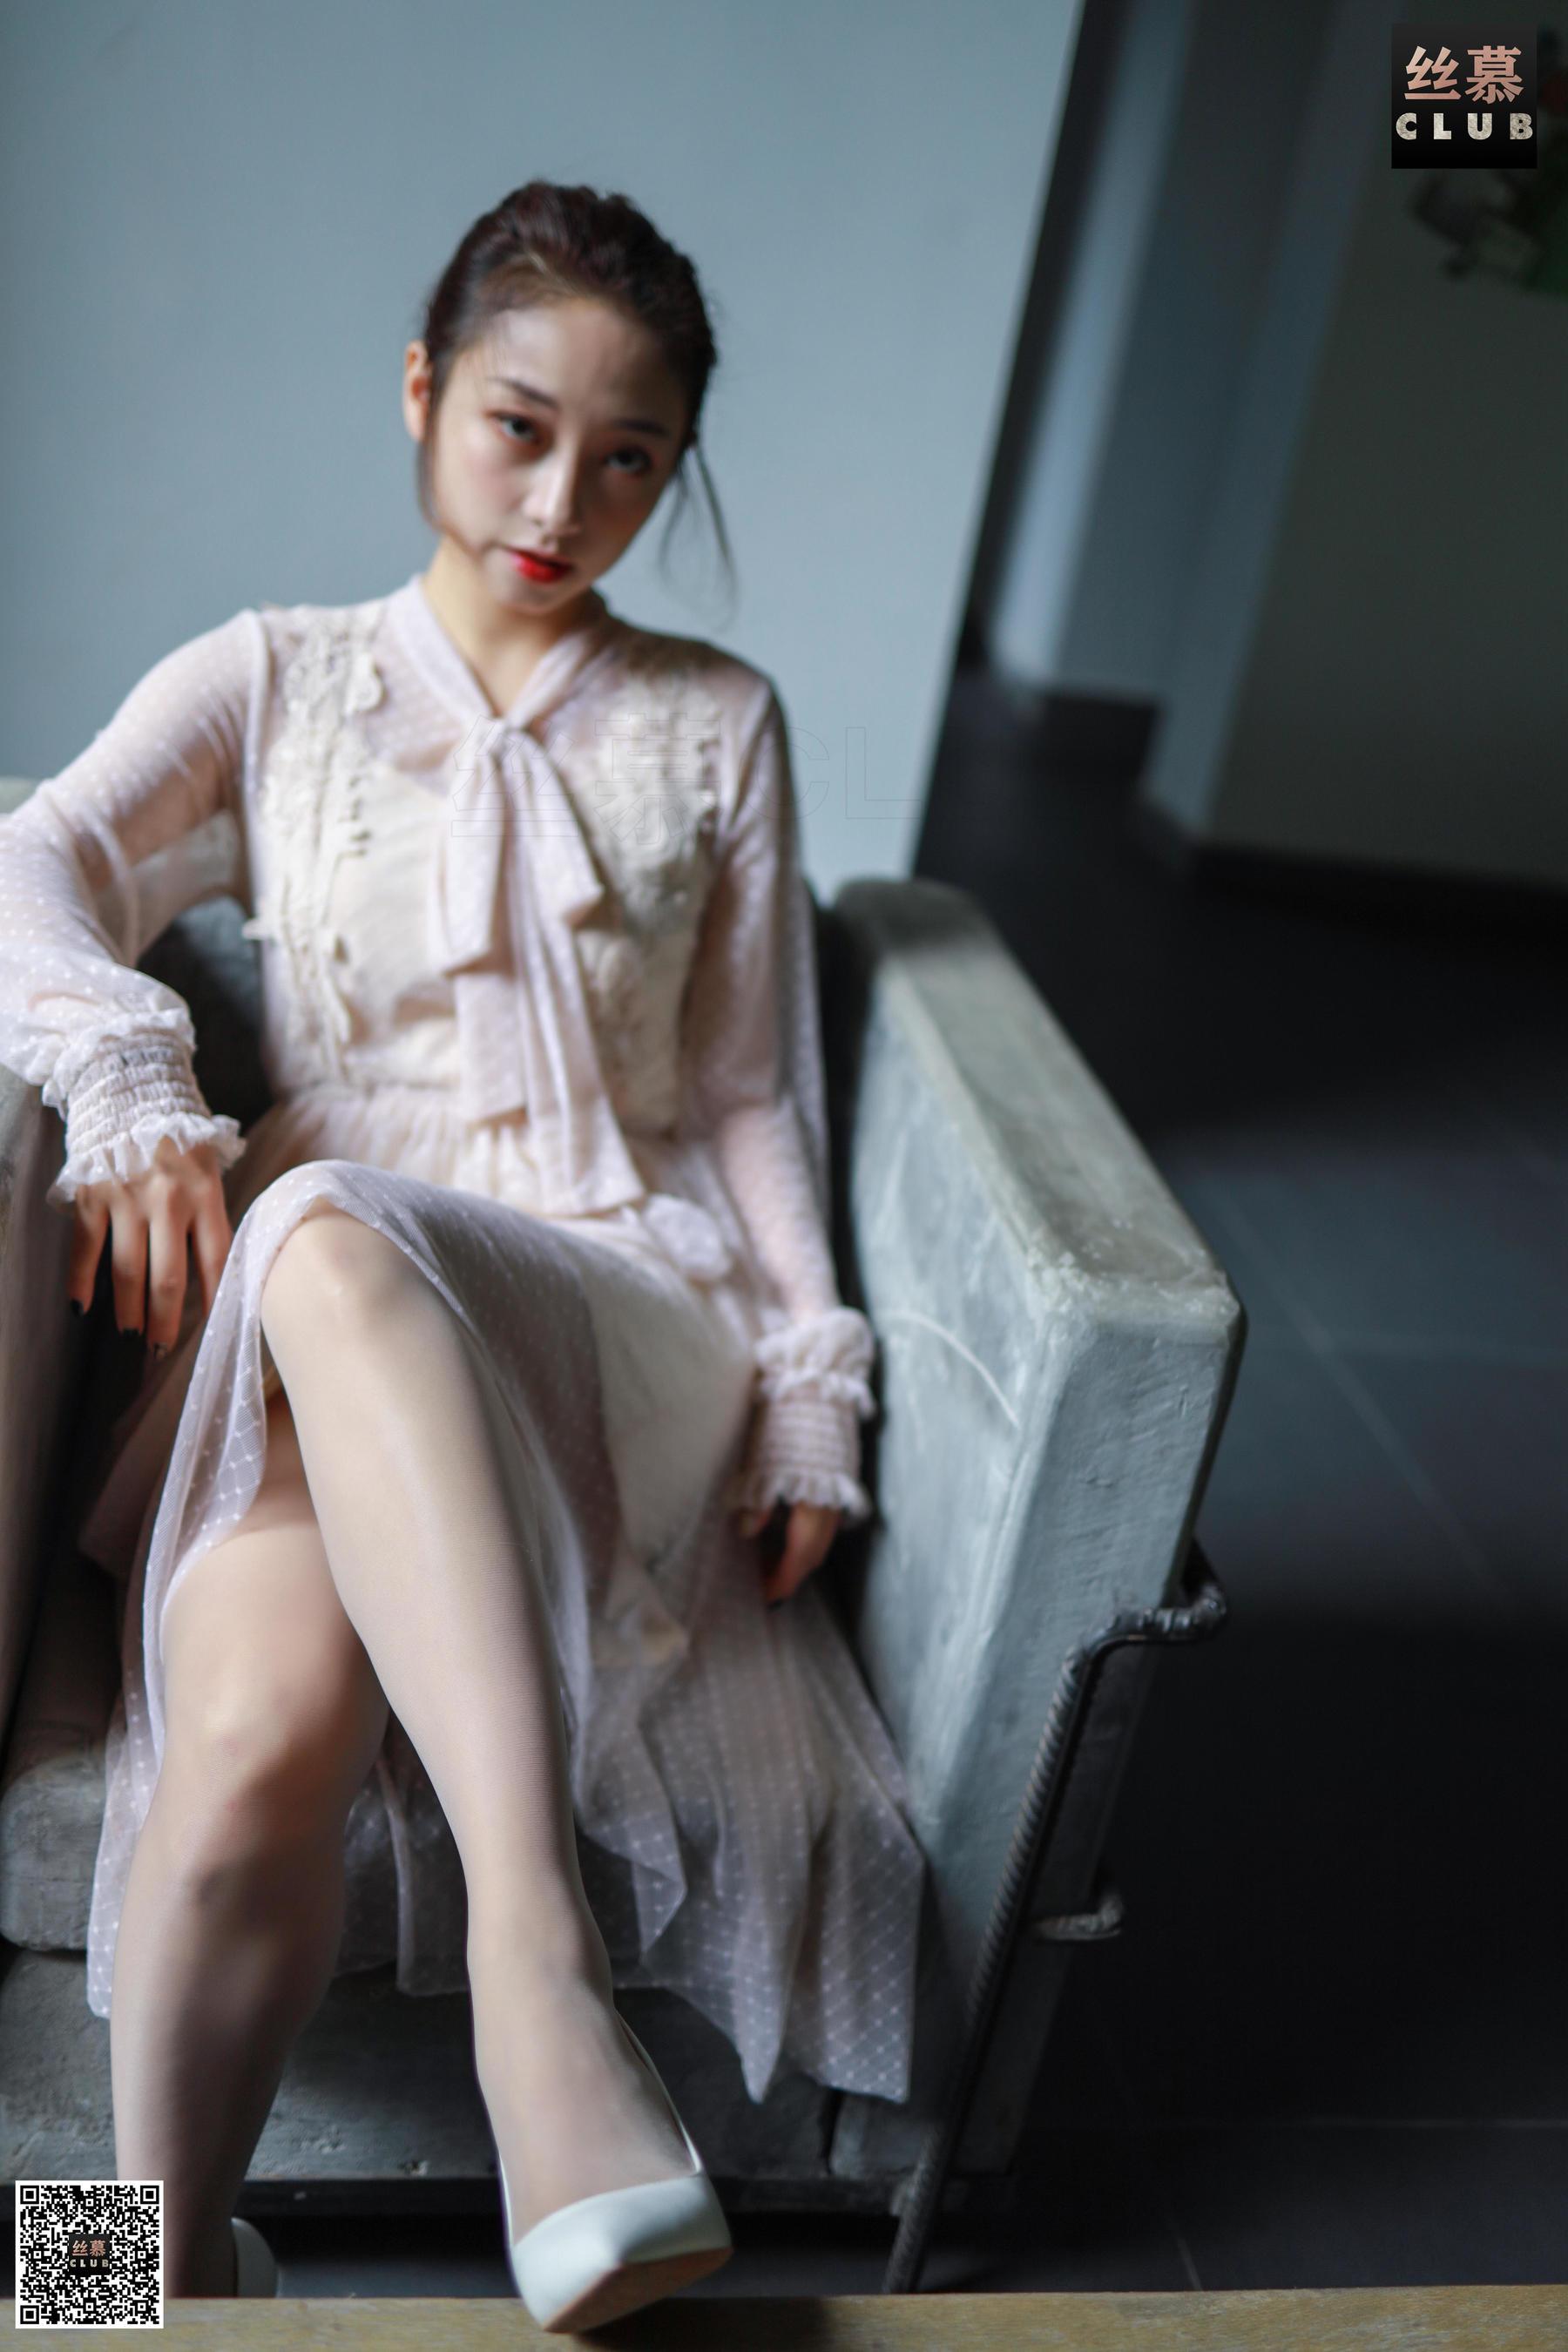 [尤果圈爱尤物]美七Mia(模特美七Mia)No.1999超高清写真大图片(35P)|151热度